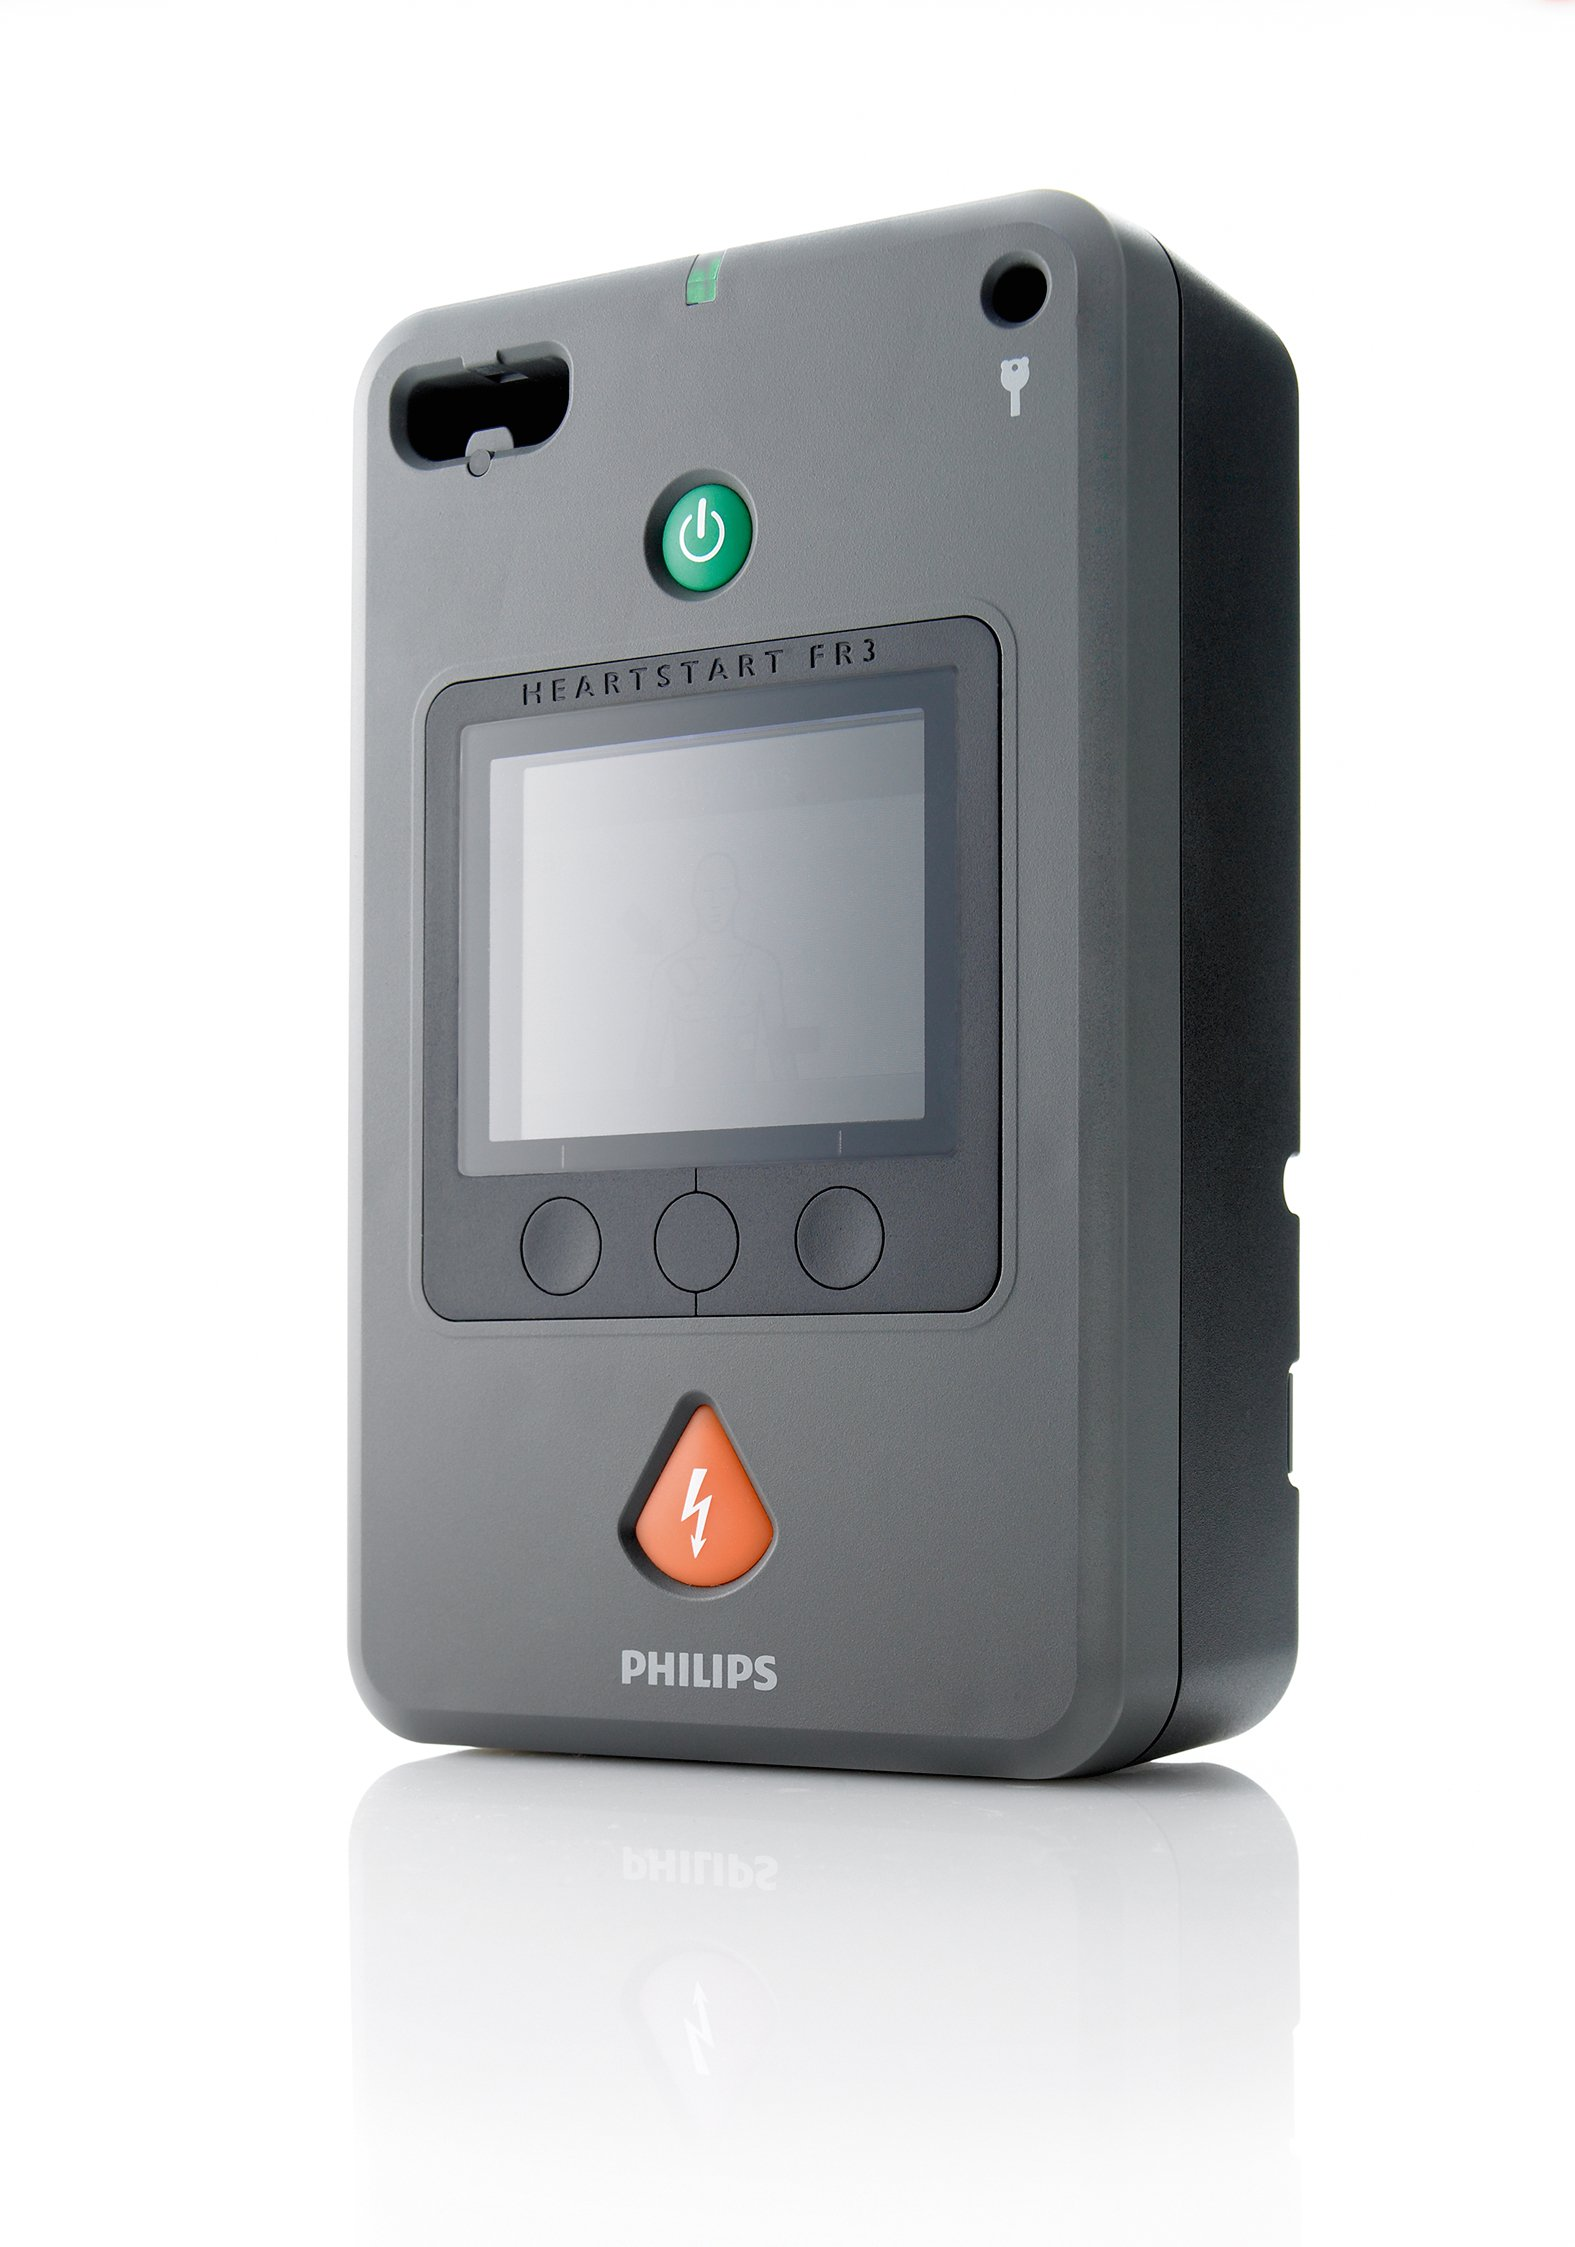 HeartStart FR3 defibrillaattori ja varaosat